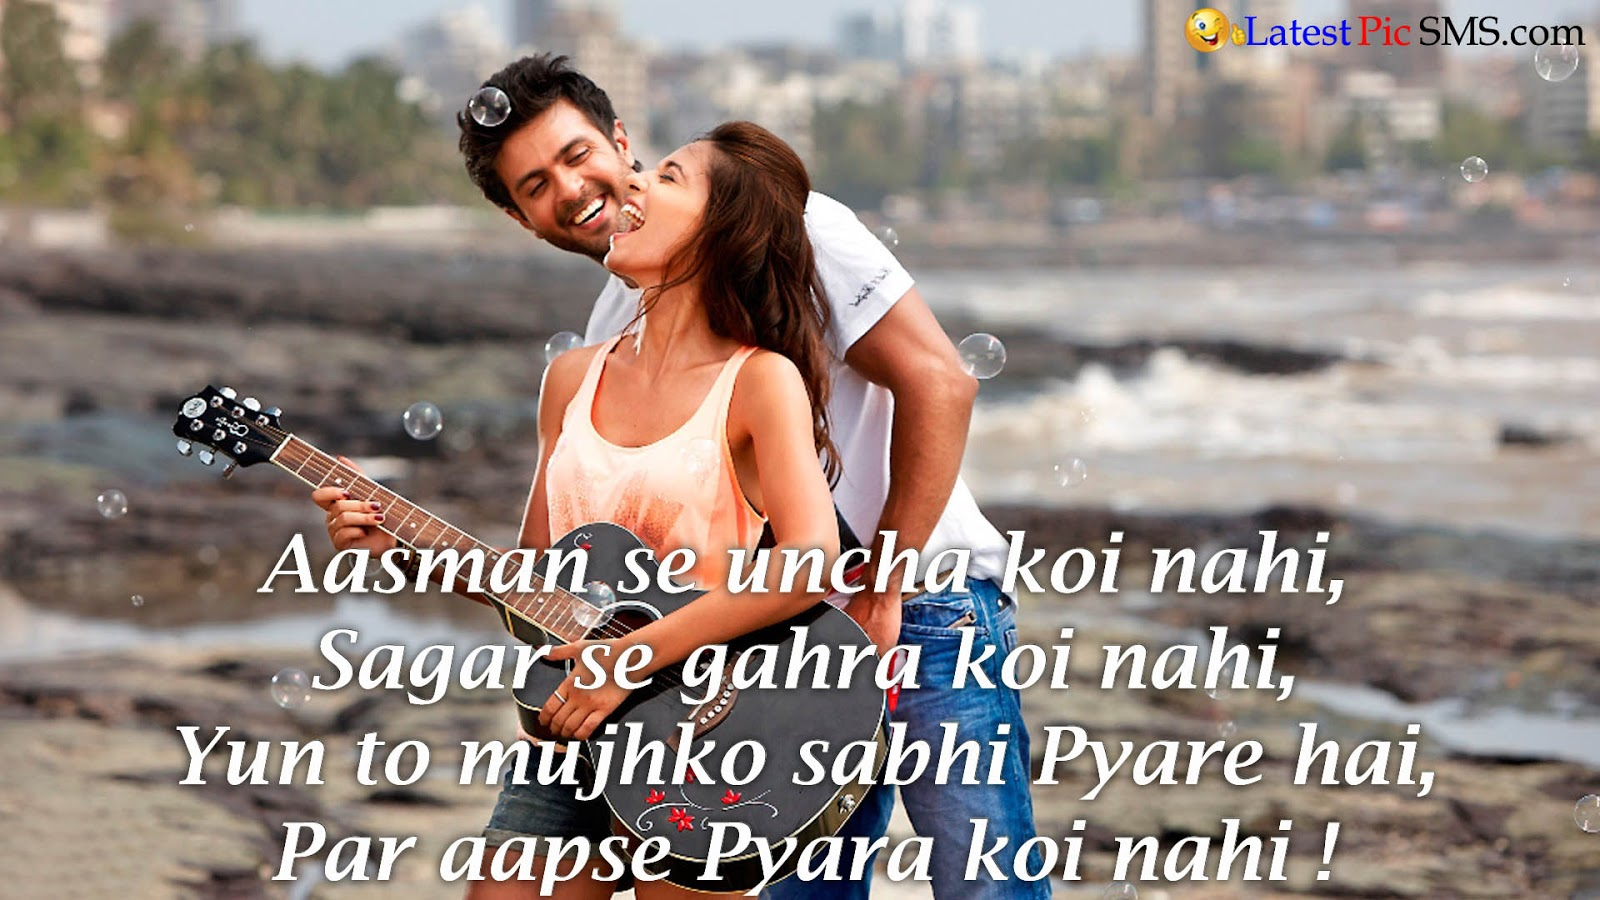 true love Shayari Quotes in Hindi